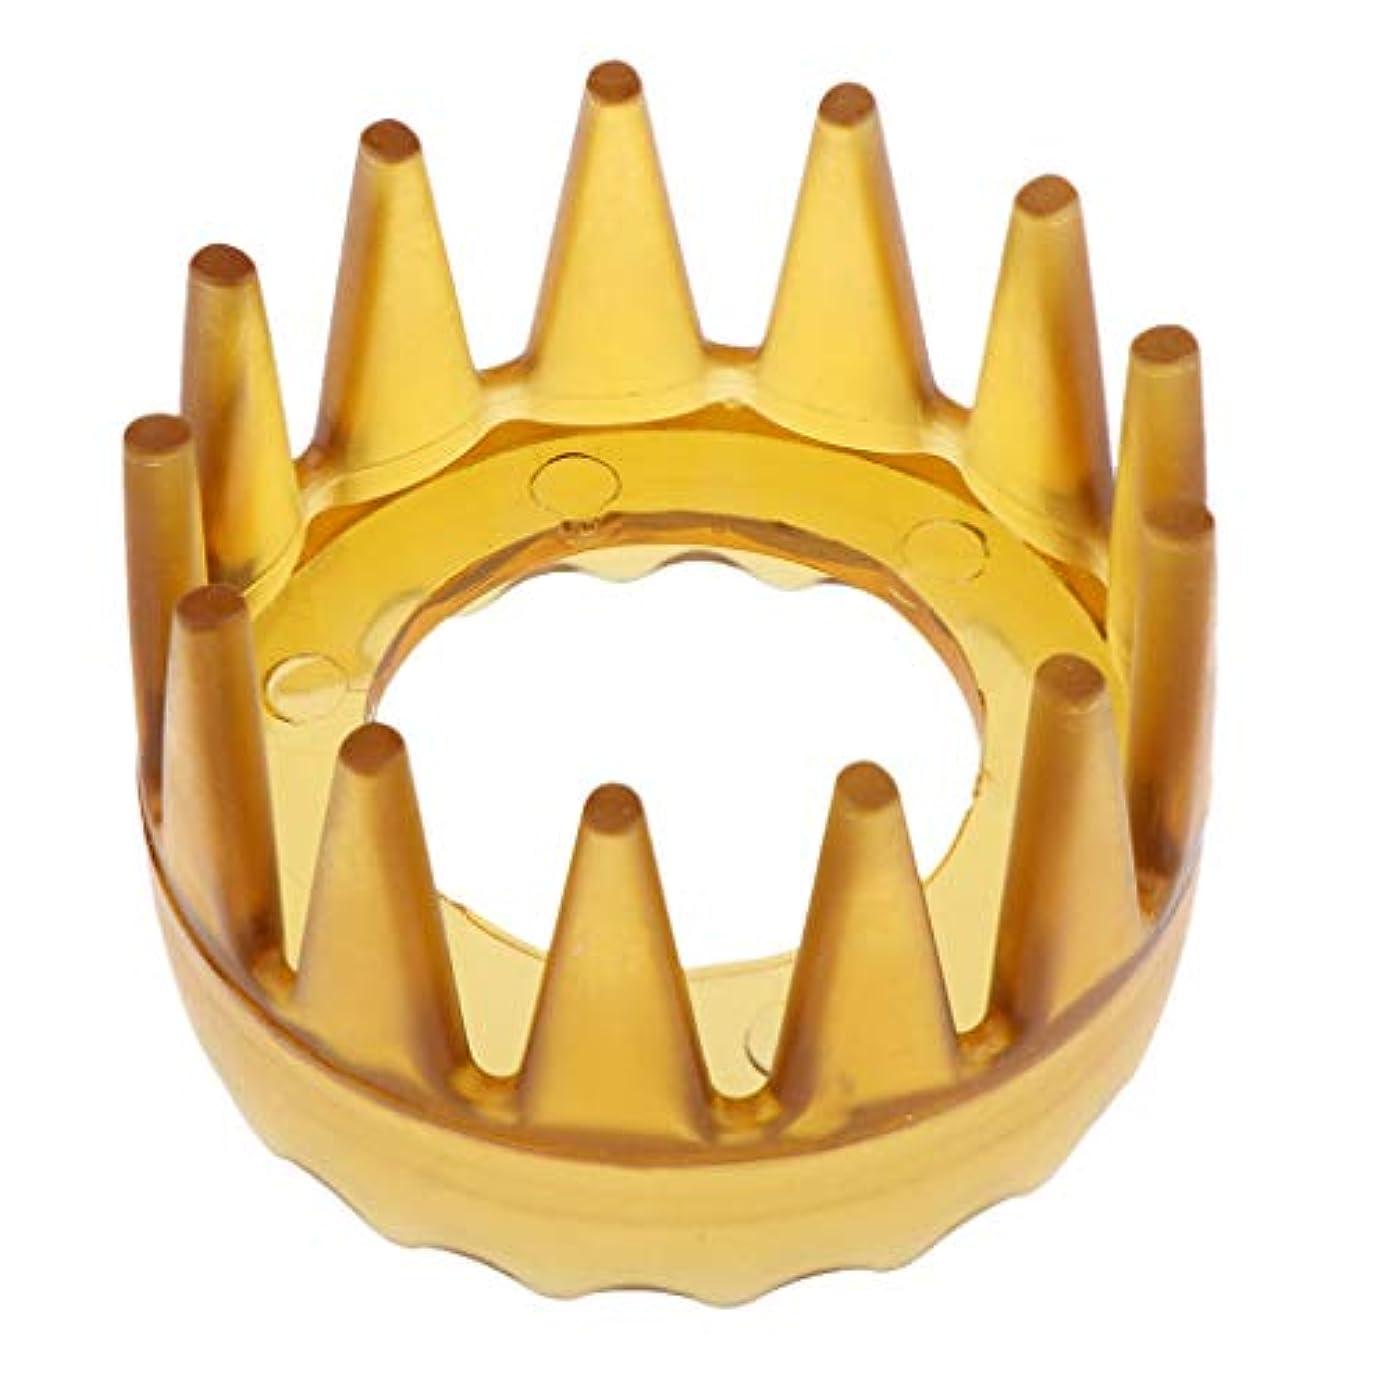 腫瘍口頭残り物B Baosity シャンプーブラシ 洗髪櫛 マッサージャー ヘアコーム ヘアブラシ 4色選べ - 黄